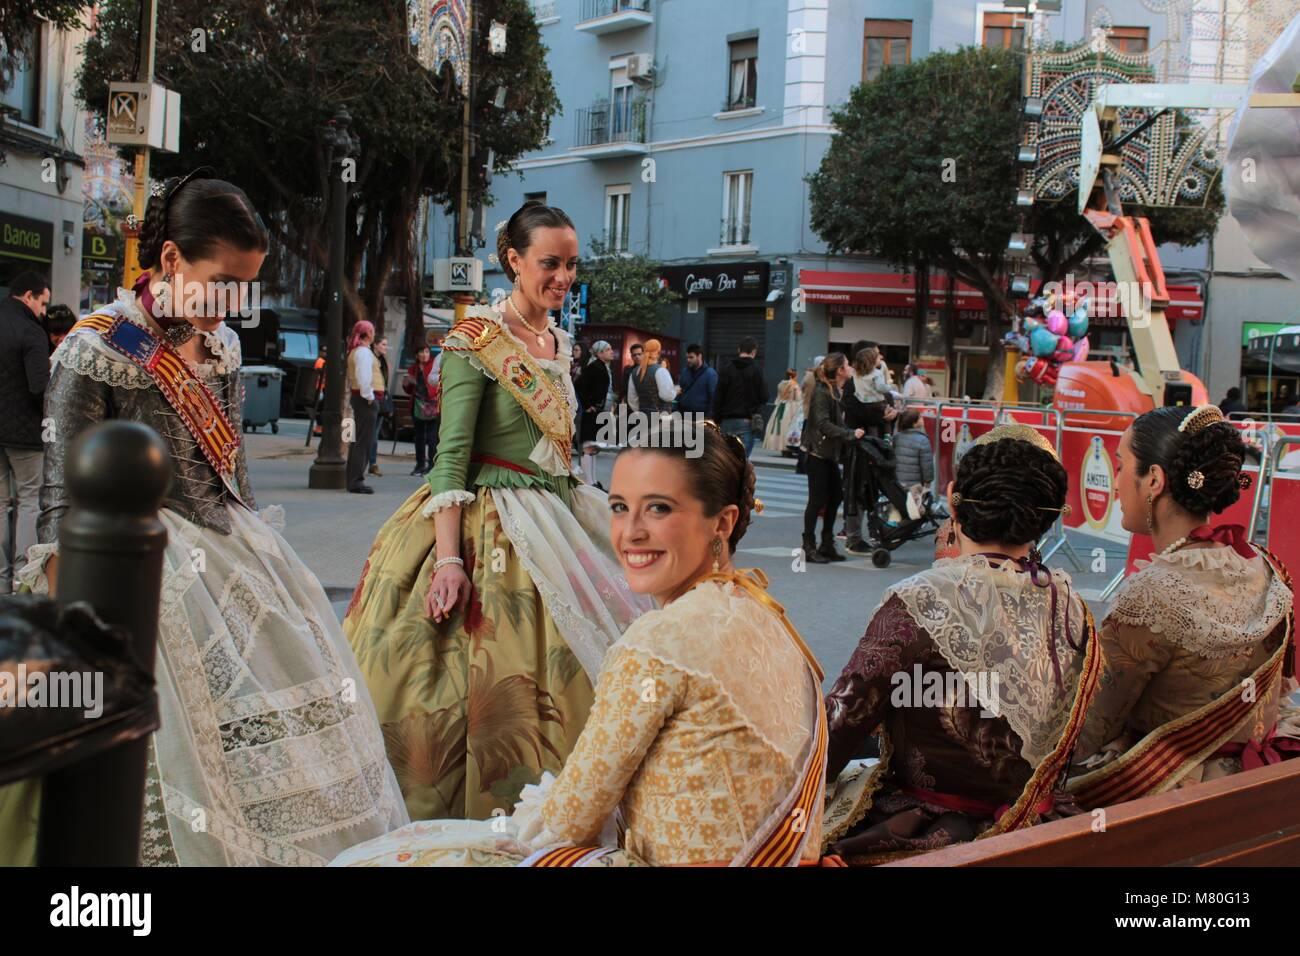 Encuéntrate con gente nueva en Valencia